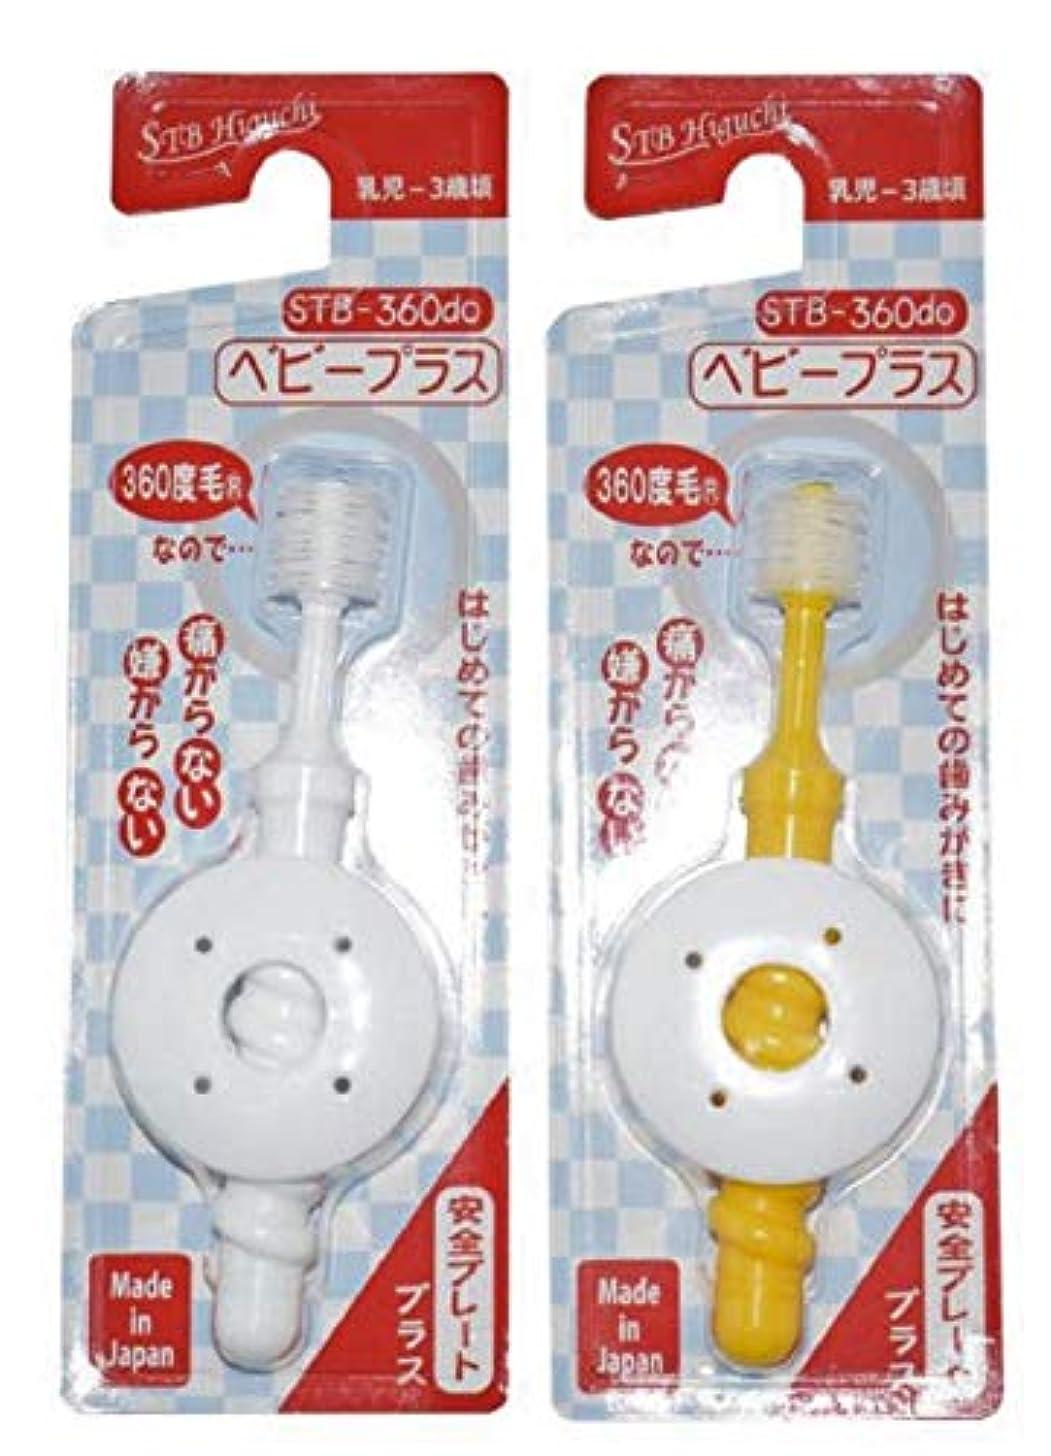 分類するジェスチャーレッスンSTB-360do ベビープラス 2本セット 喉付き防止 安全パーツ付き幼児用